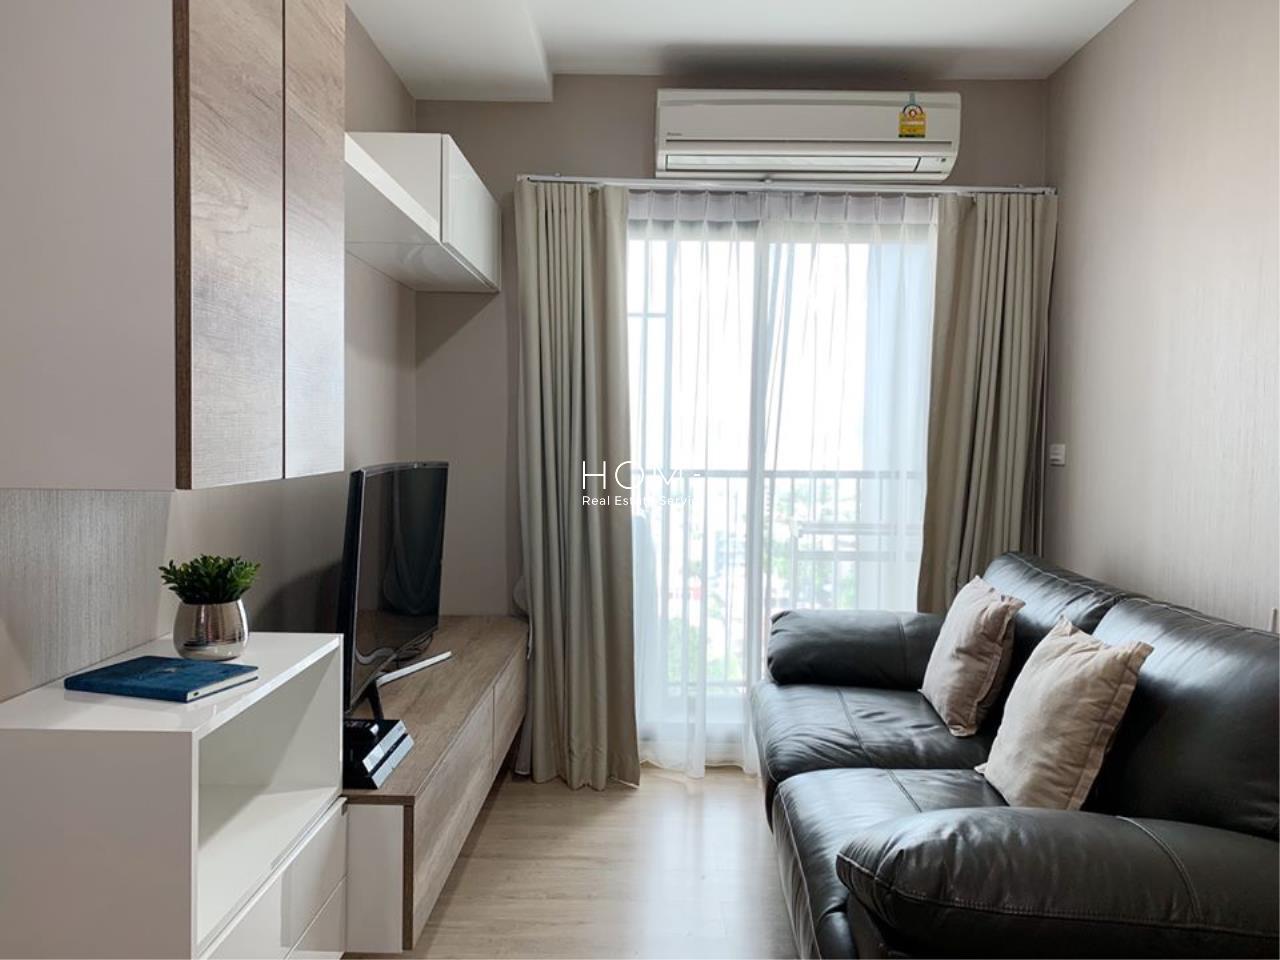 Fuse Miti Sutthisan - Ratchada 2 Bedrooms FOR SALE ฟิวส์ มิติ สุทธิสาร-รัชดา 2 ห้องนอน ขาย CLEAN105